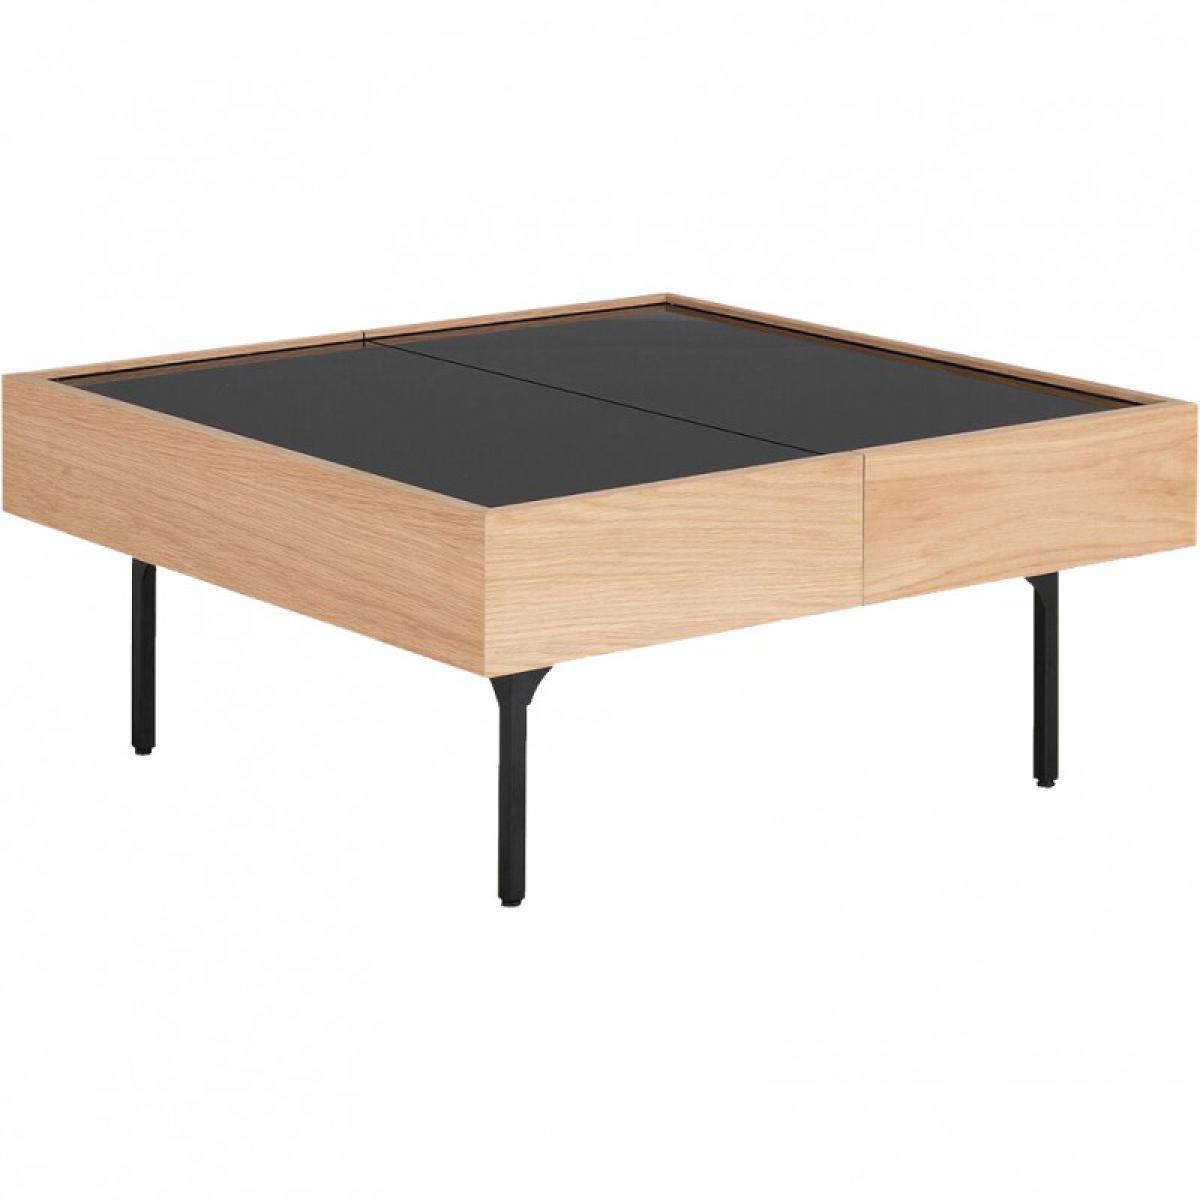 Meubletmoi Table basse placage chêne et plateau coulissant en verre - GOU 7882